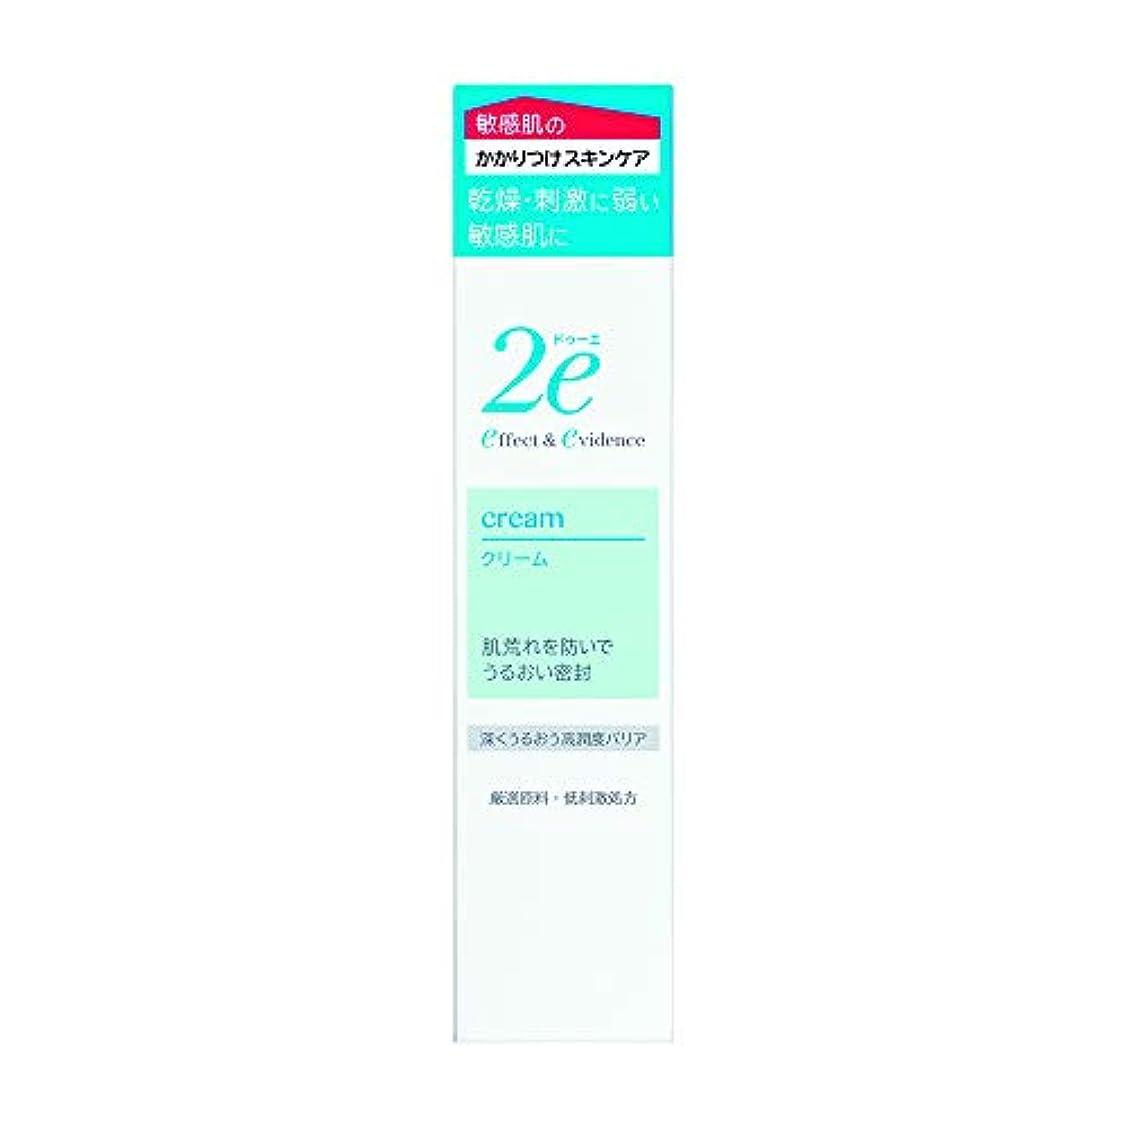 素晴らしきレベルちらつき2e(ドゥーエ) クリーム 敏感肌用クリーム 低刺激処方 深くうるおう高潤度バリア 30g